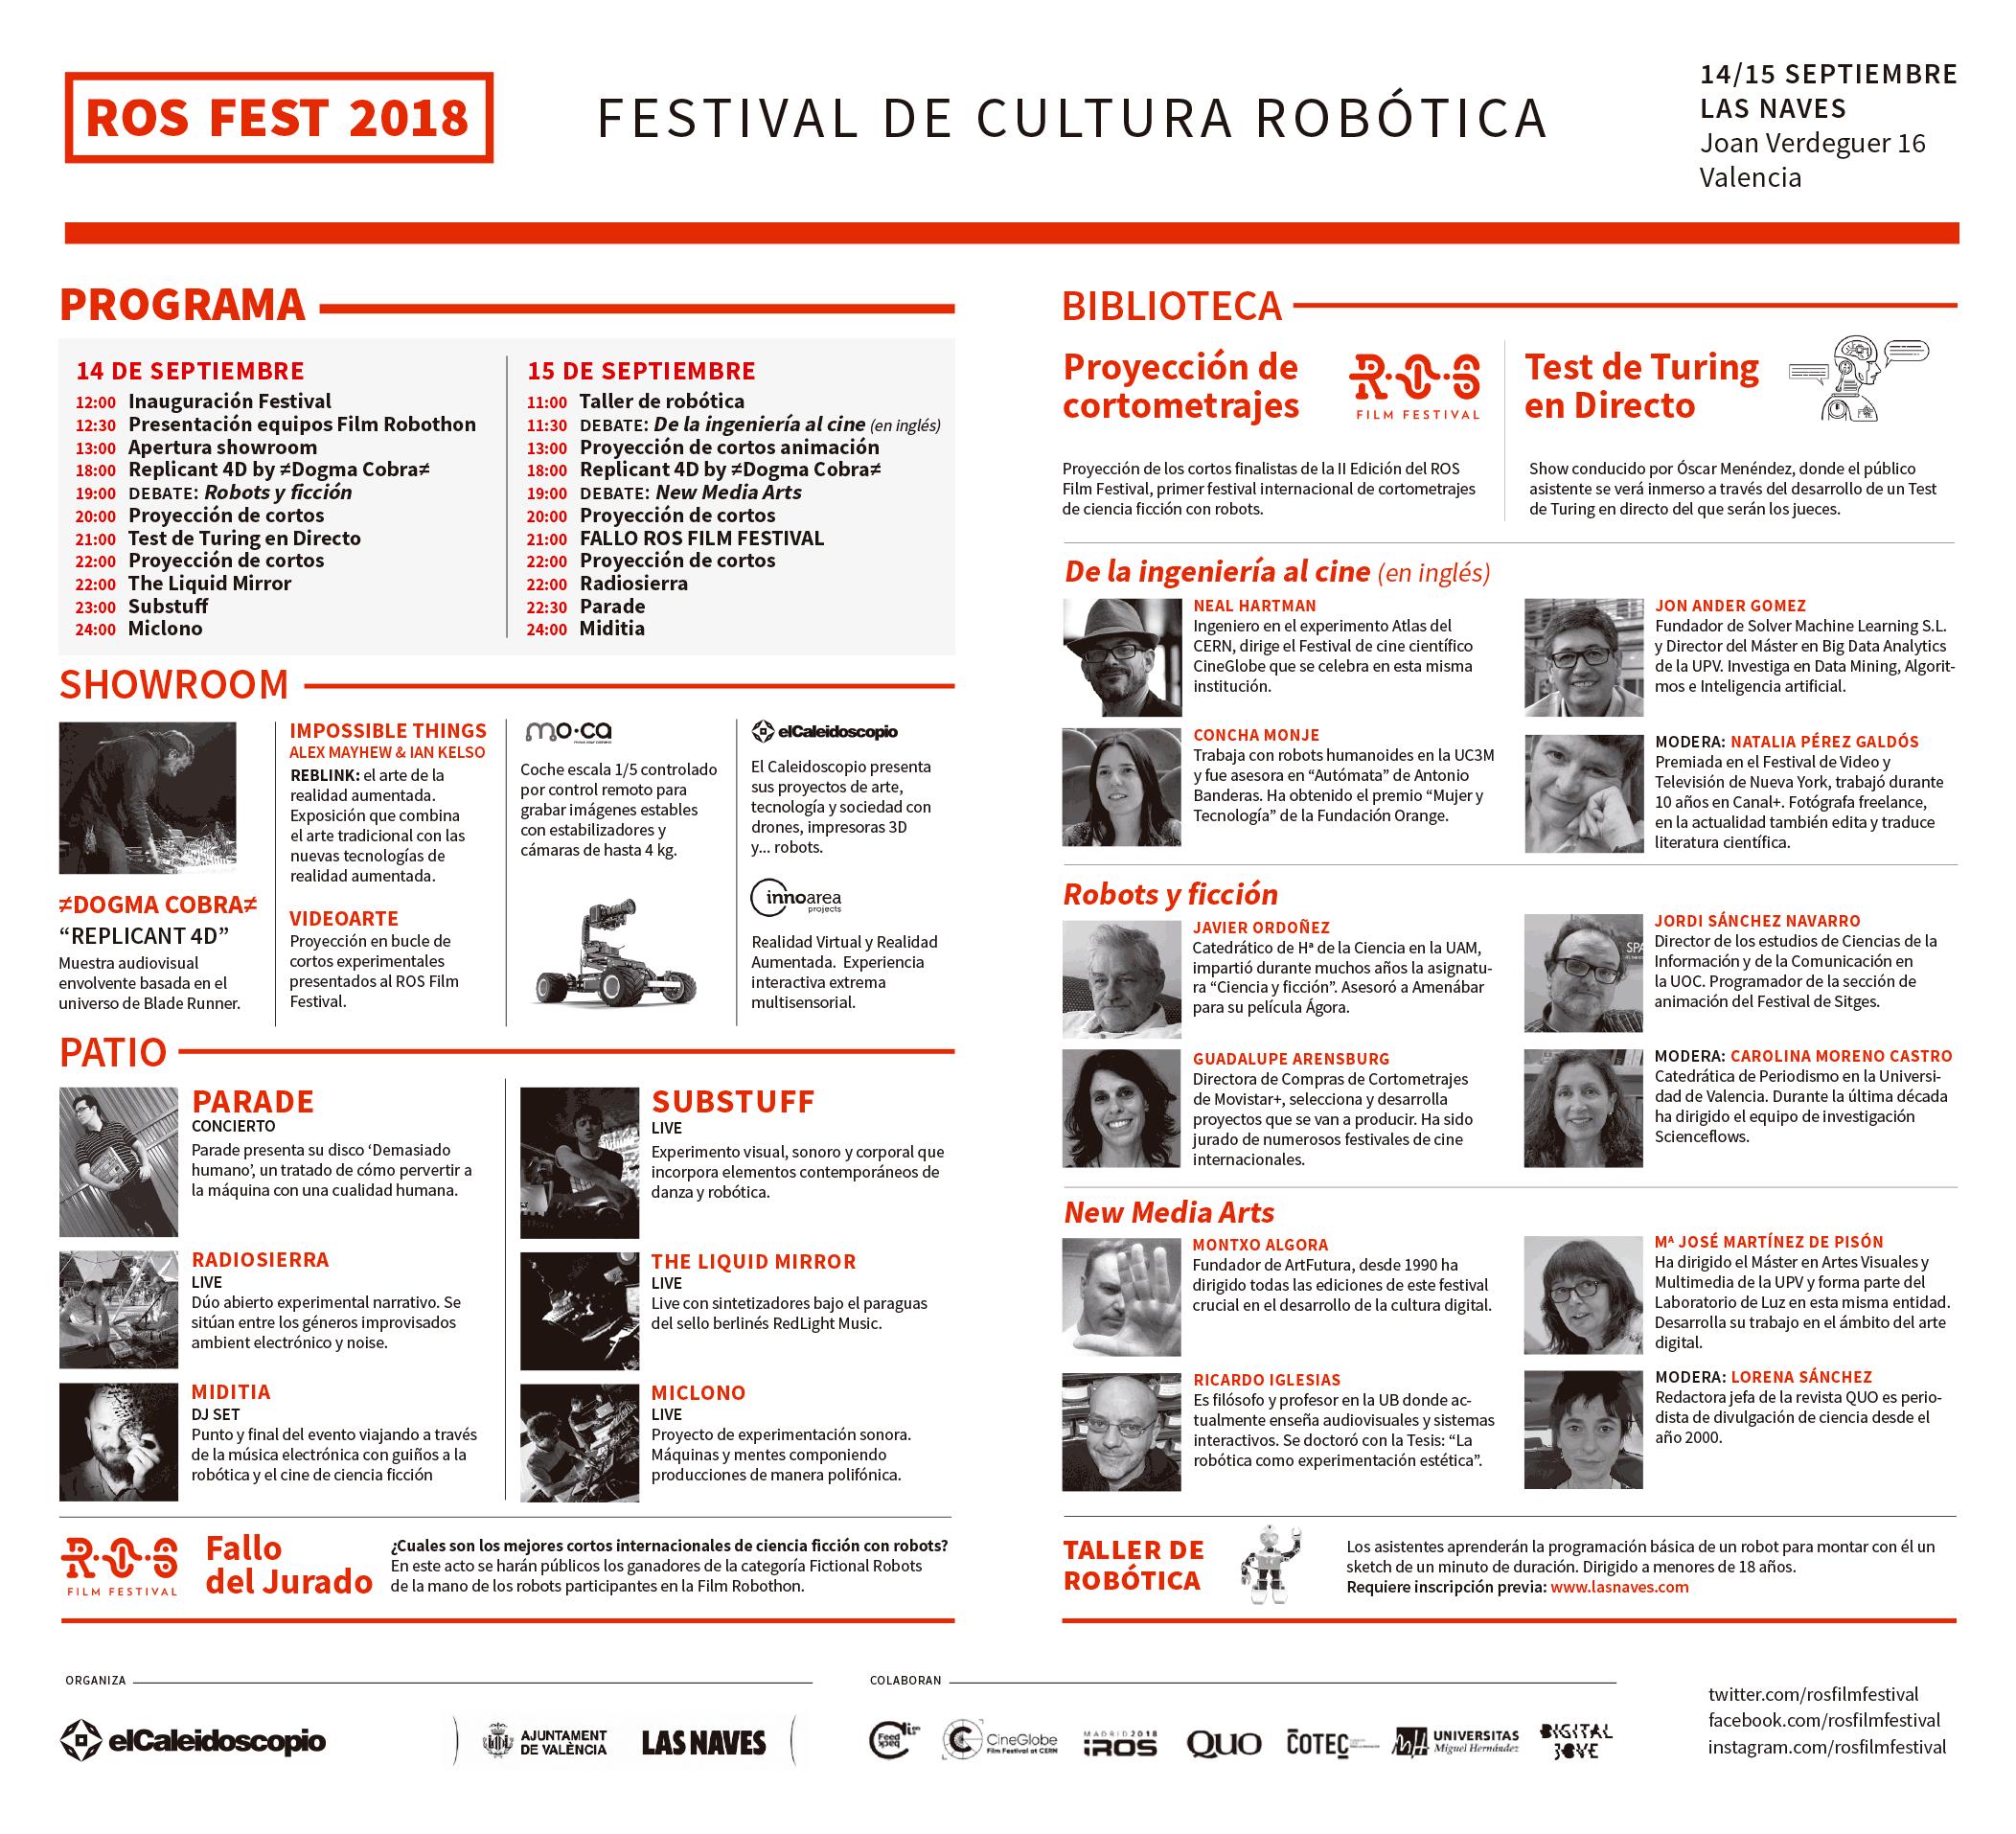 ROS FEST 2018, Festival de Cultura Robótica